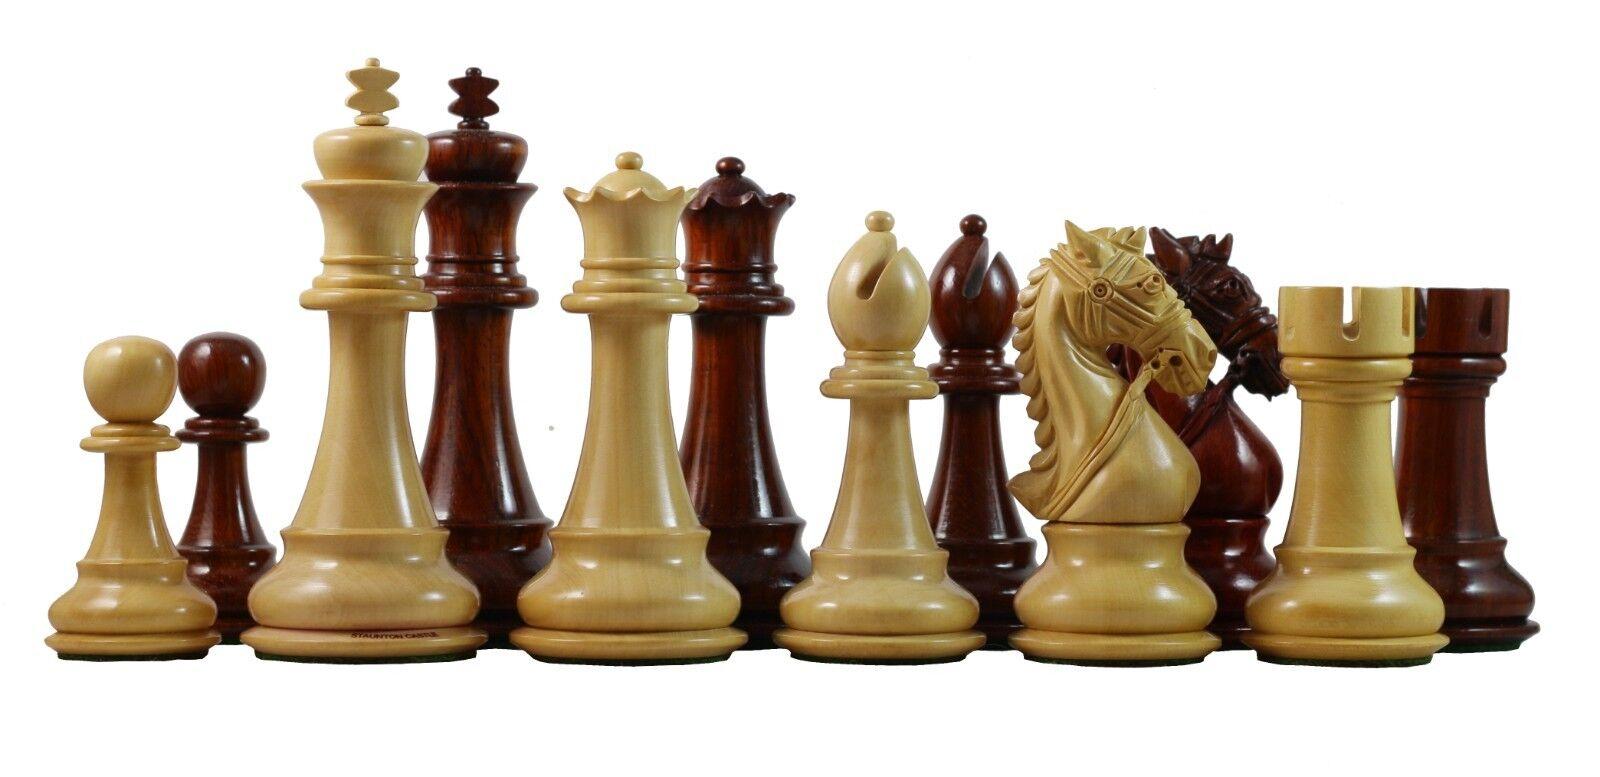 Bride Série Premium Staunton 4.4  Chess Set en padouk bois